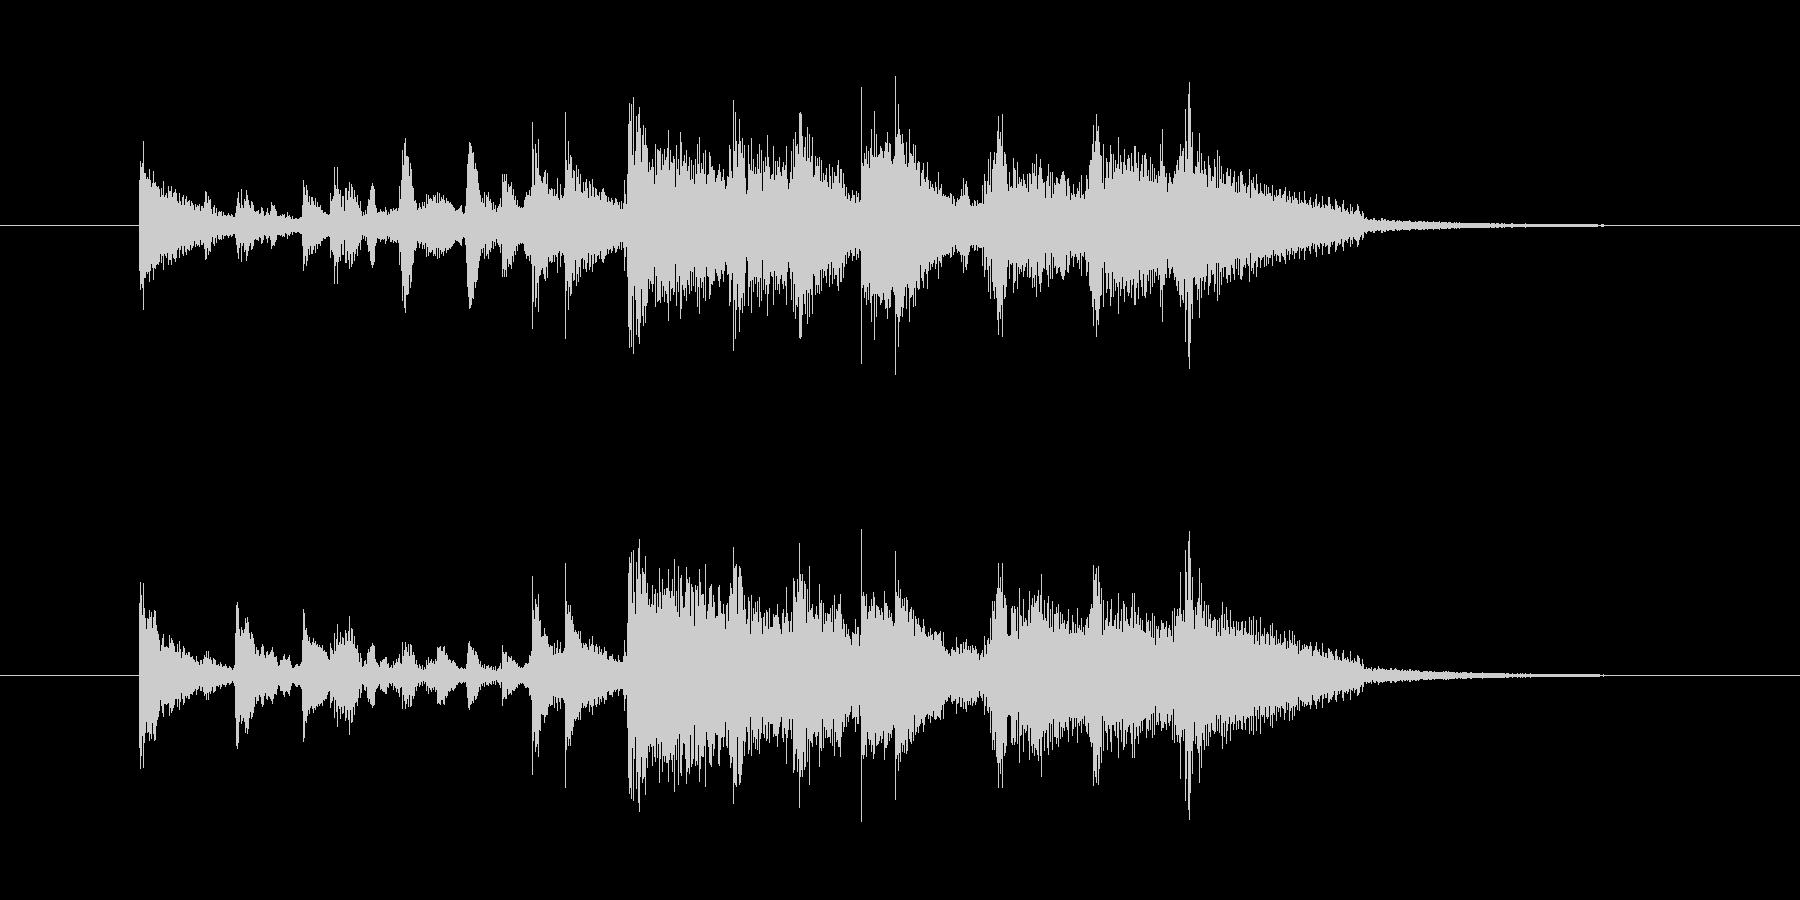 ジングル(スタイリッシュなサウンド)の未再生の波形